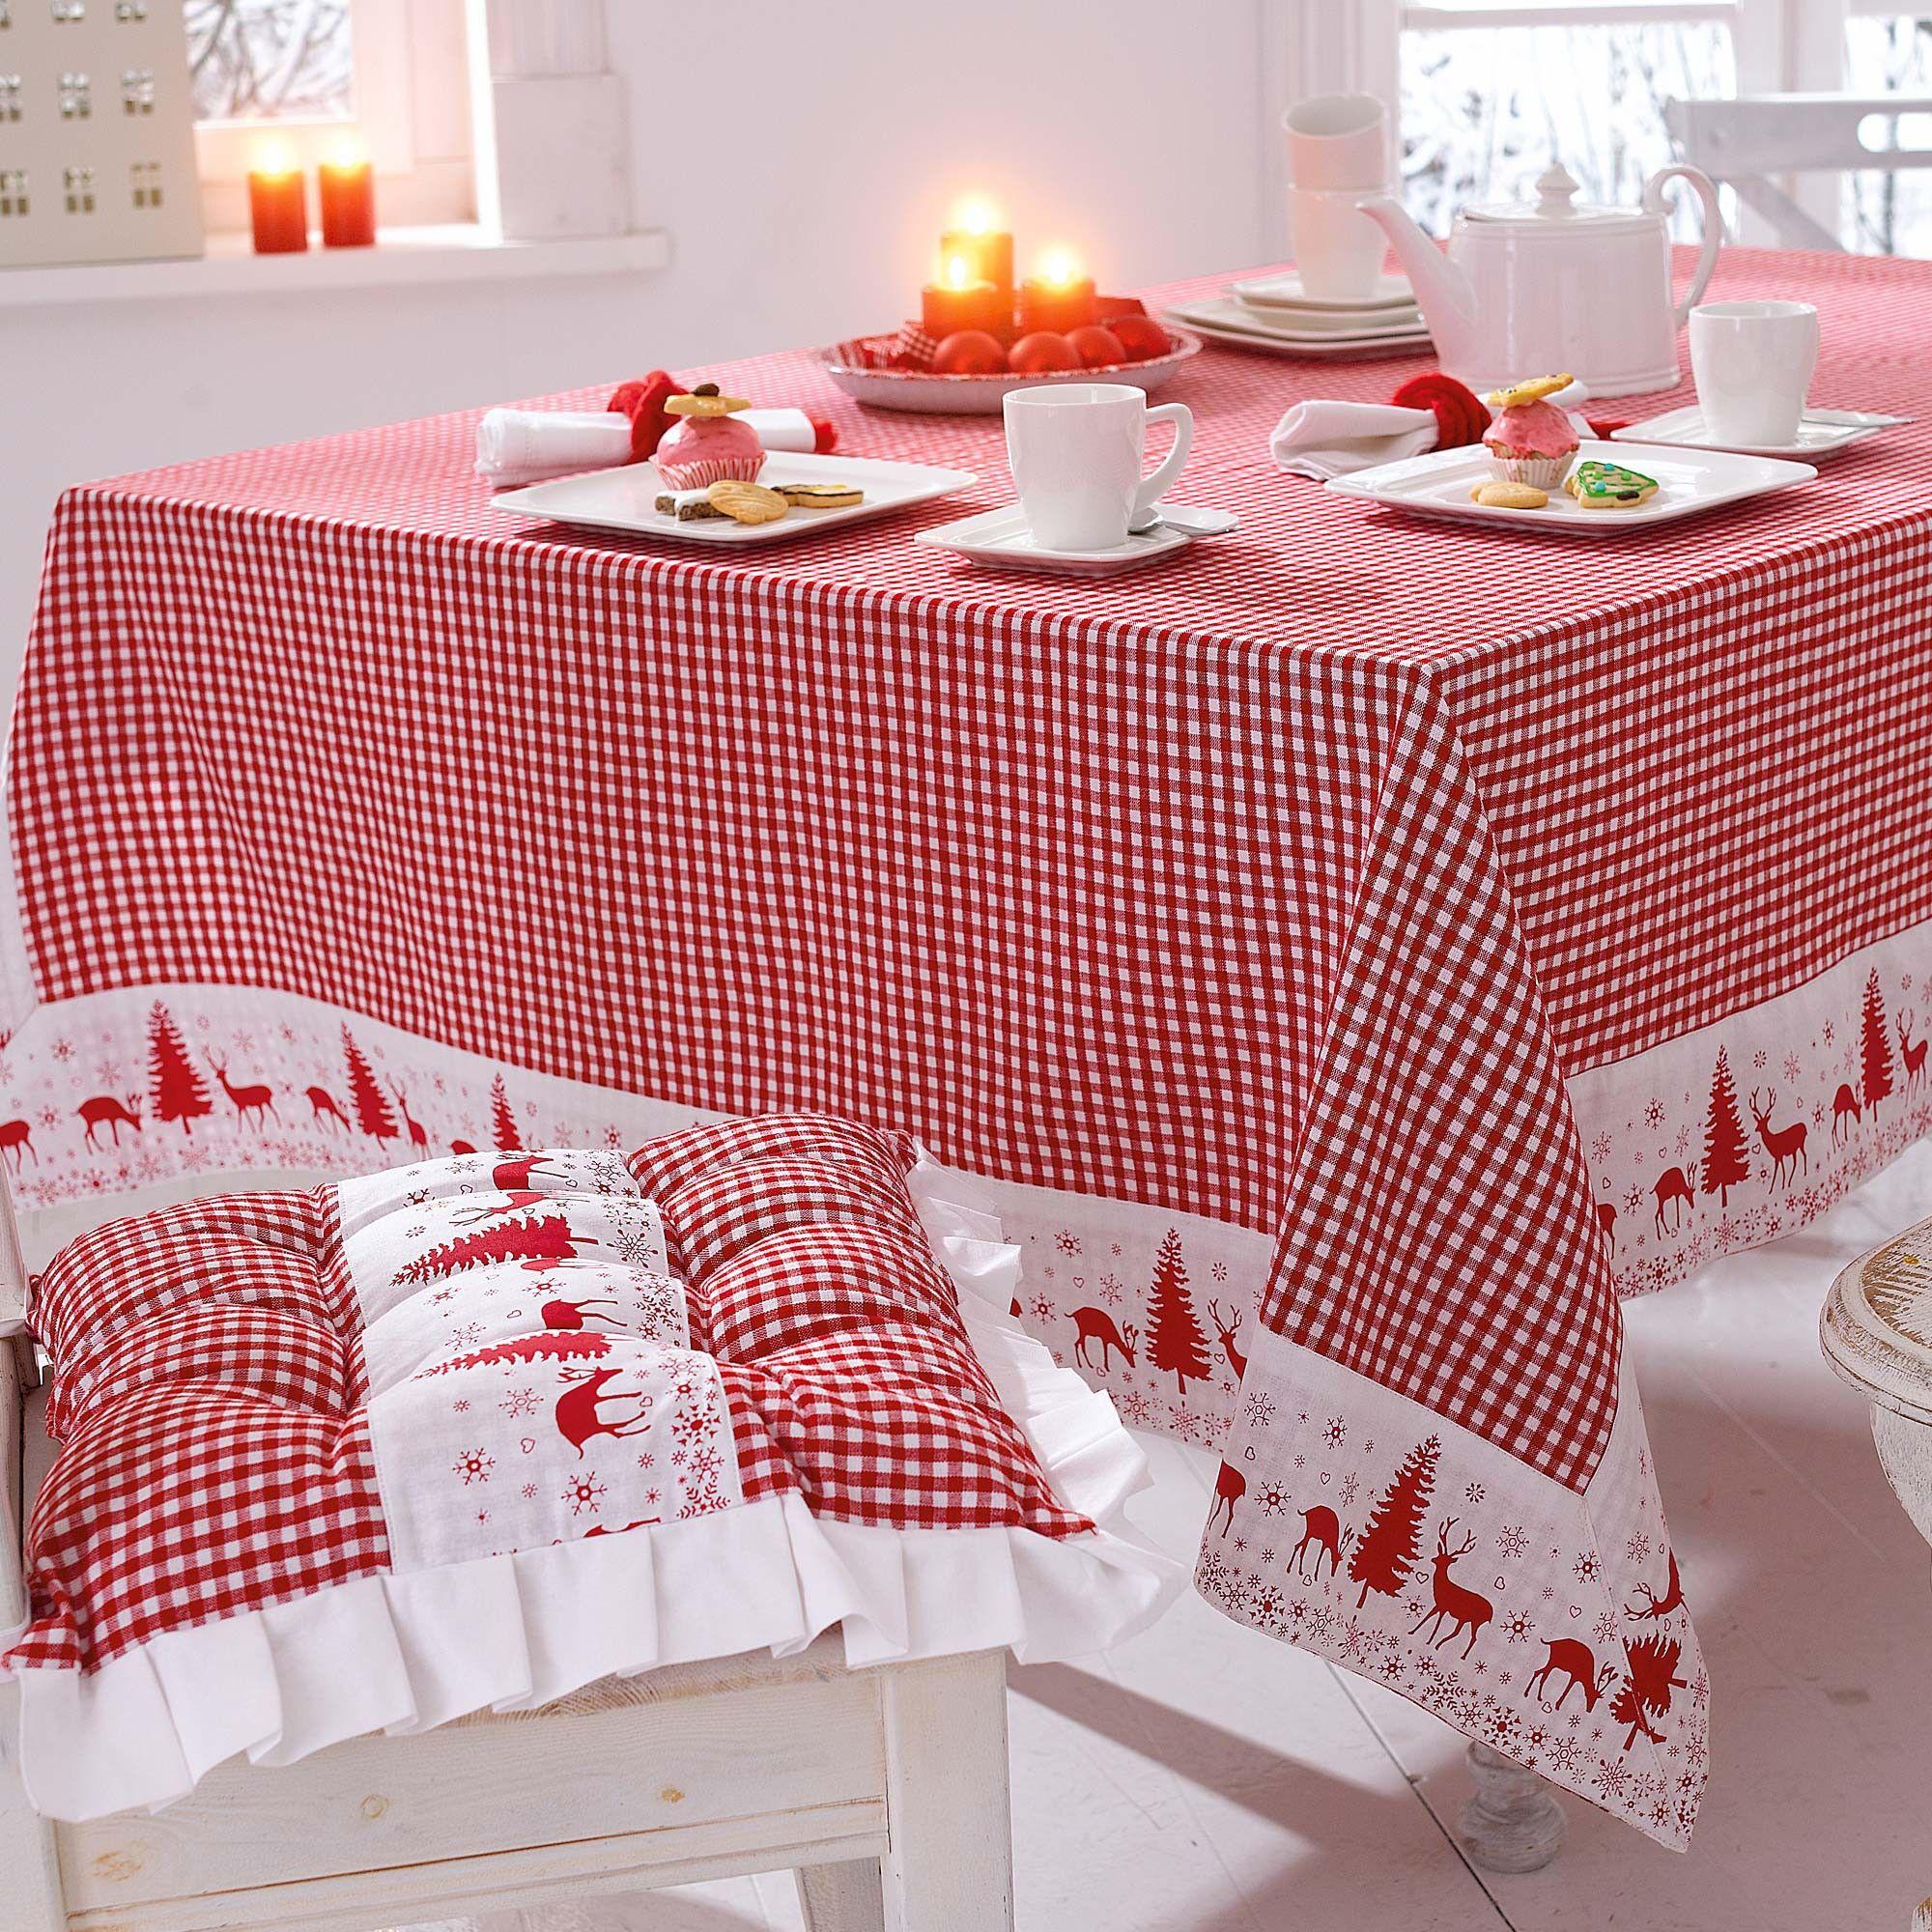 DIY Tischdecke und Kissen Weihnachten, rot-weiss-kariert DIY ...